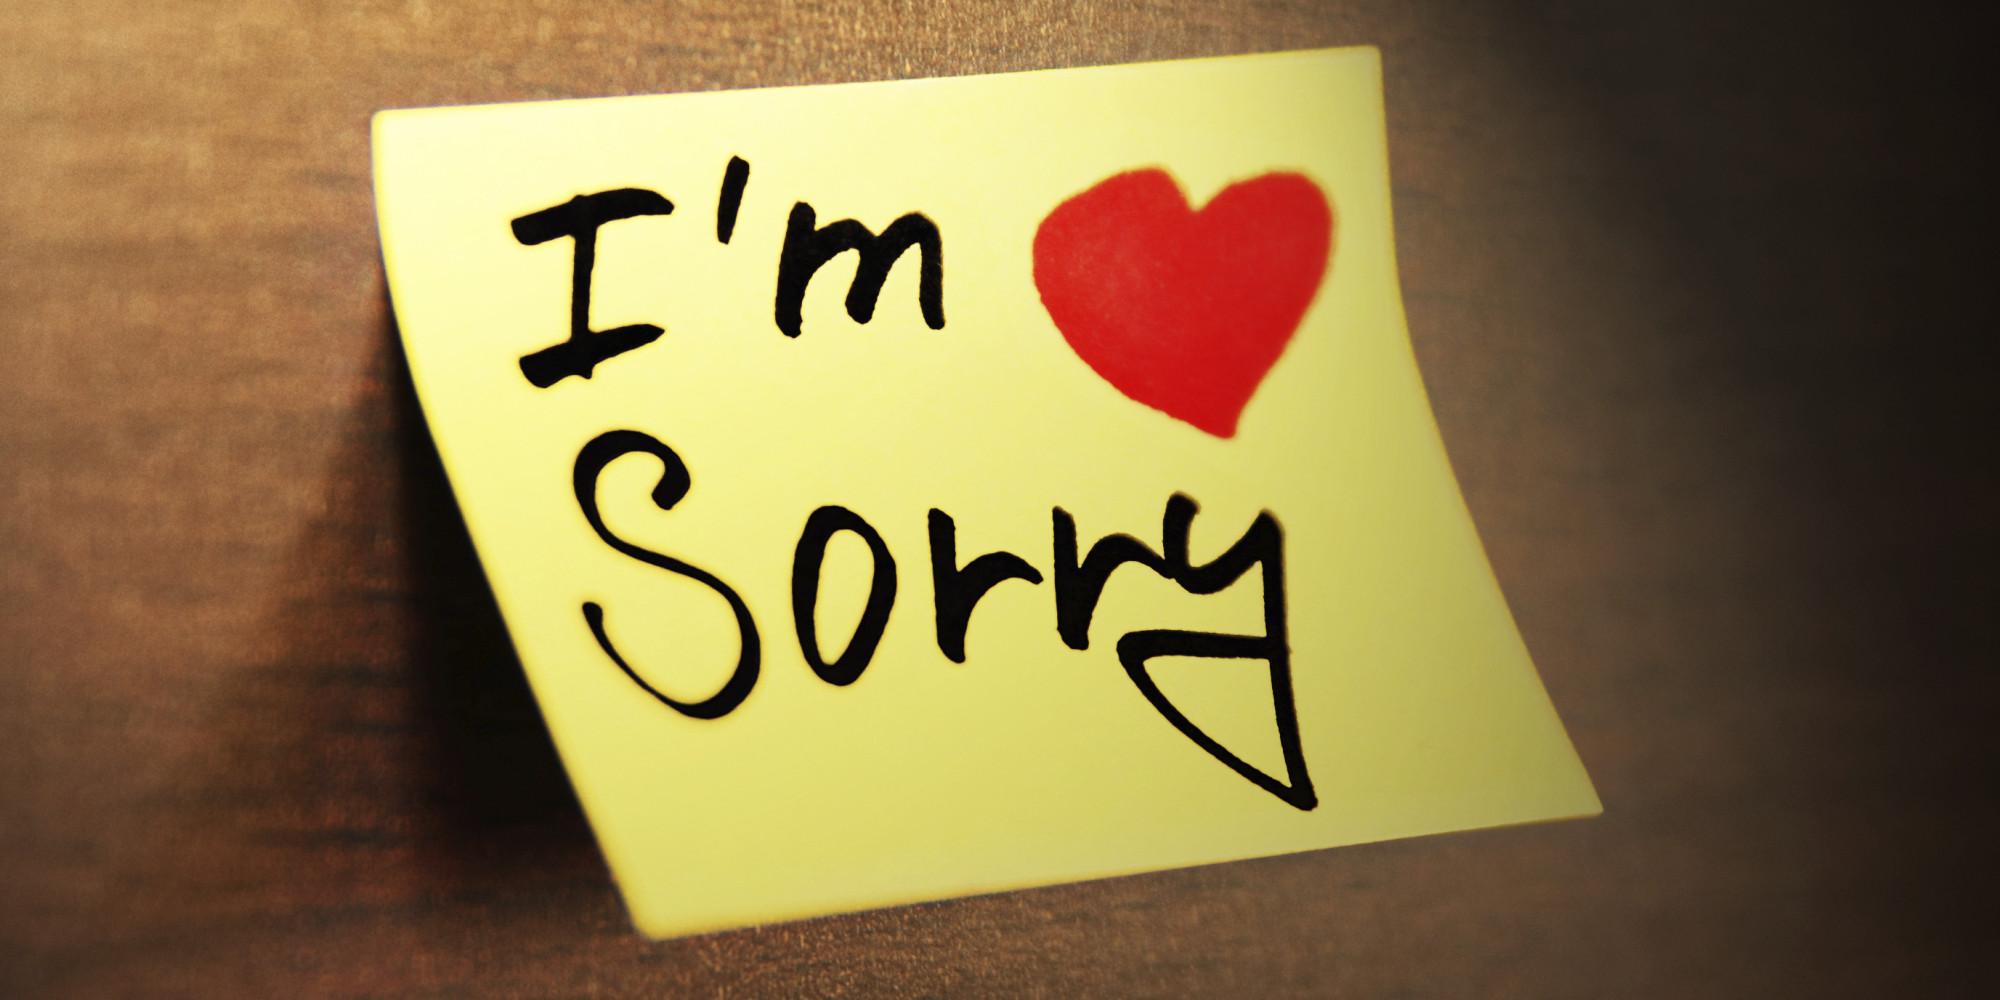 صورة رسالة اعتذار للحبيب الزعلان , انا اسف حبيبي لا تزعل